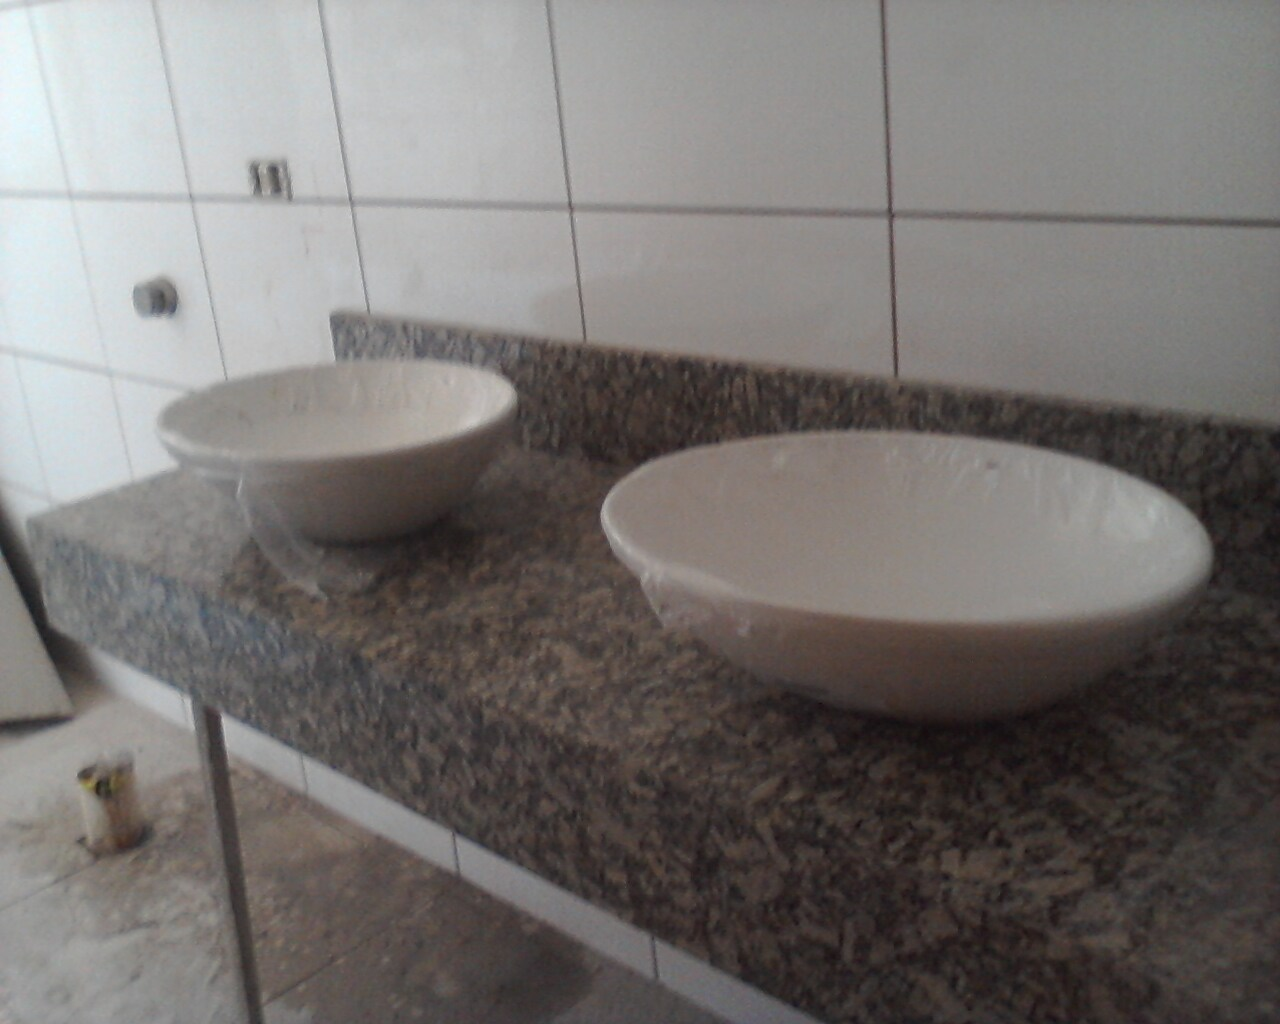 Portas e Guarnições Instaladas e granito cozinha e banheiro pronto #635750 1280 1024